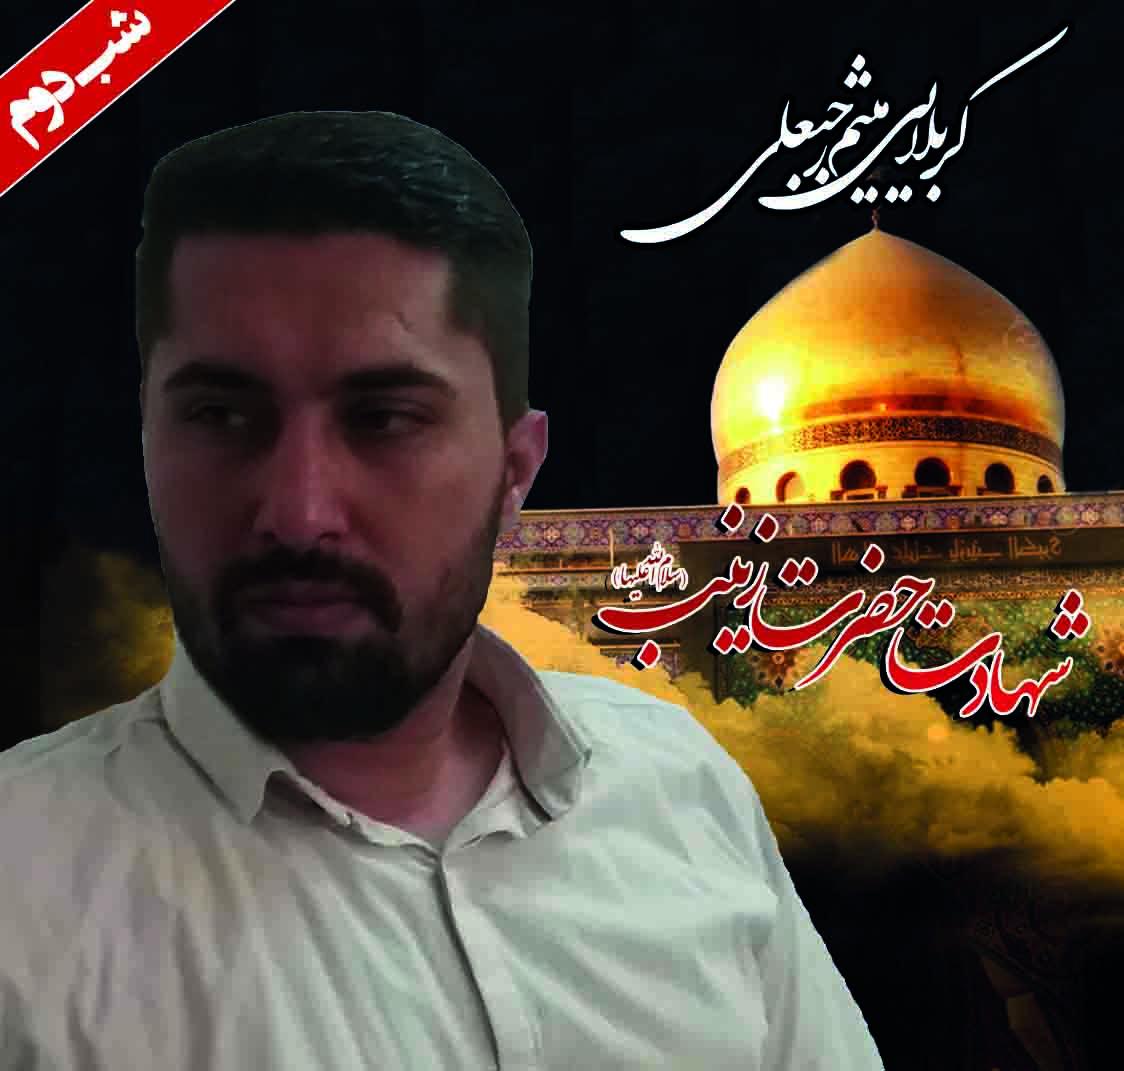 شهادت حضرت زینب سلام الله علیها 95 شب دوم